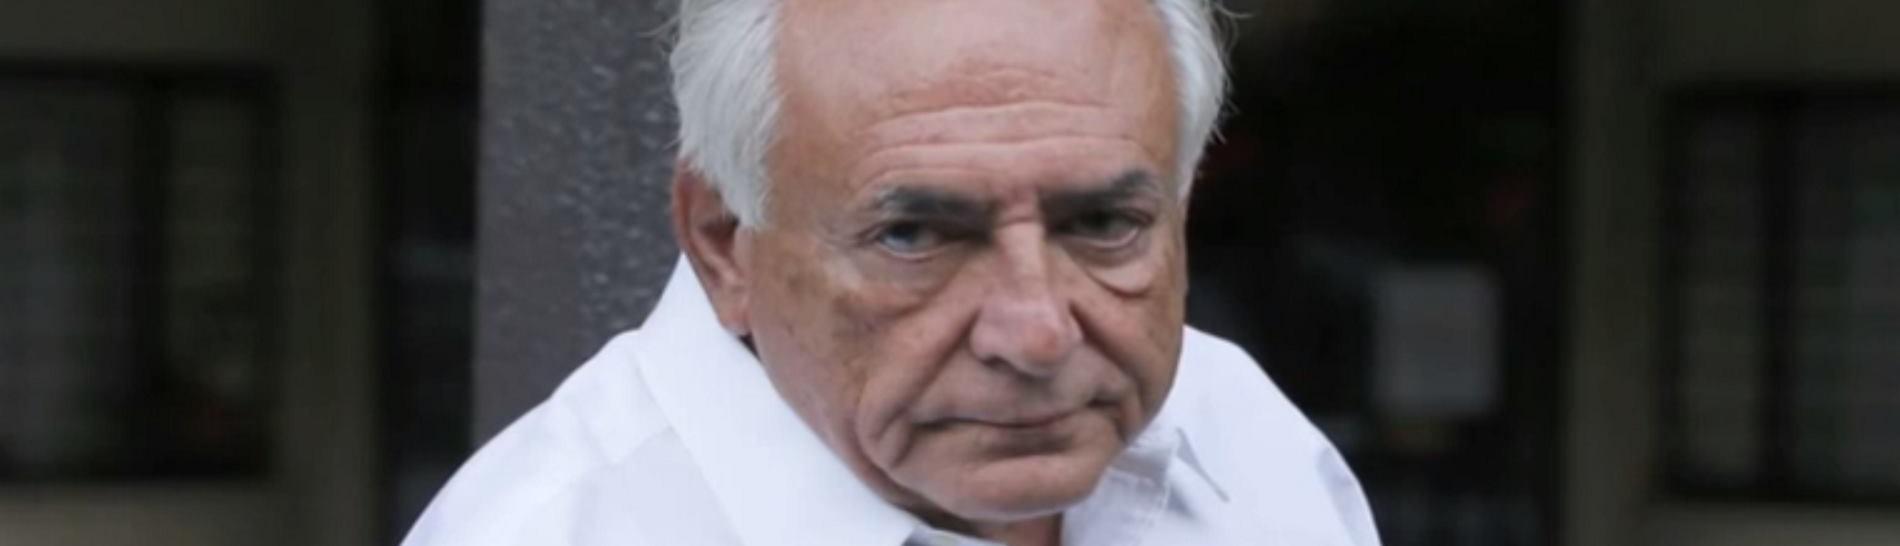 FRANCUSKI SUD Dominique Strauss-Kahn proglašen nevinim za svodništvo